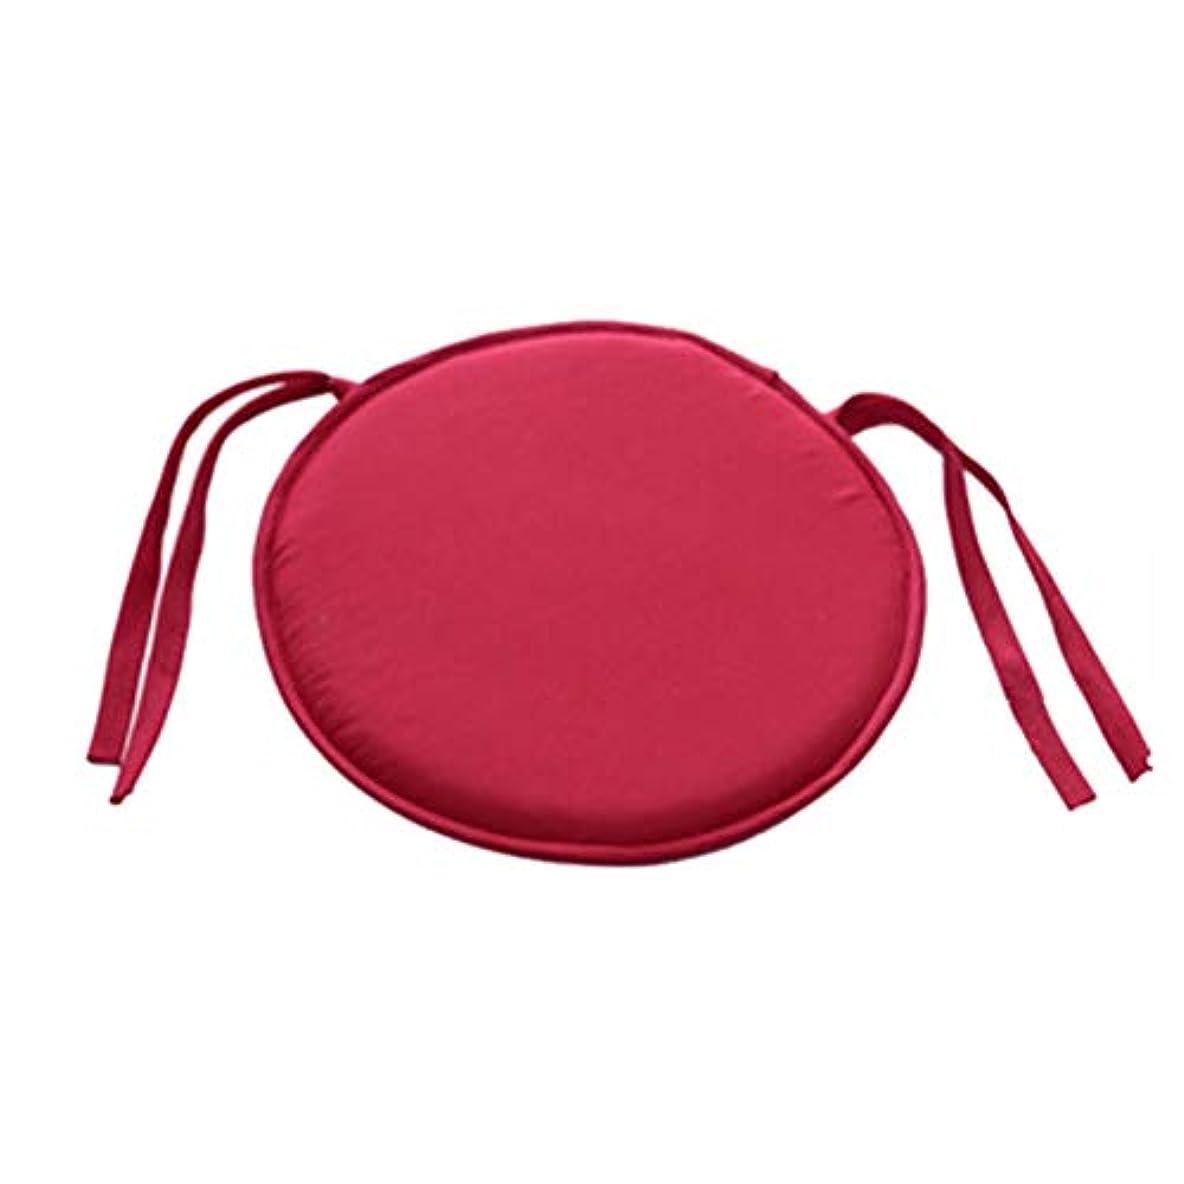 熱望するマネージャーポルトガル語SMART ホット販売ラウンドチェアクッション屋内ポップパティオオフィスチェアシートパッドネクタイスクエアガーデンキッチンダイニングクッション クッション 椅子